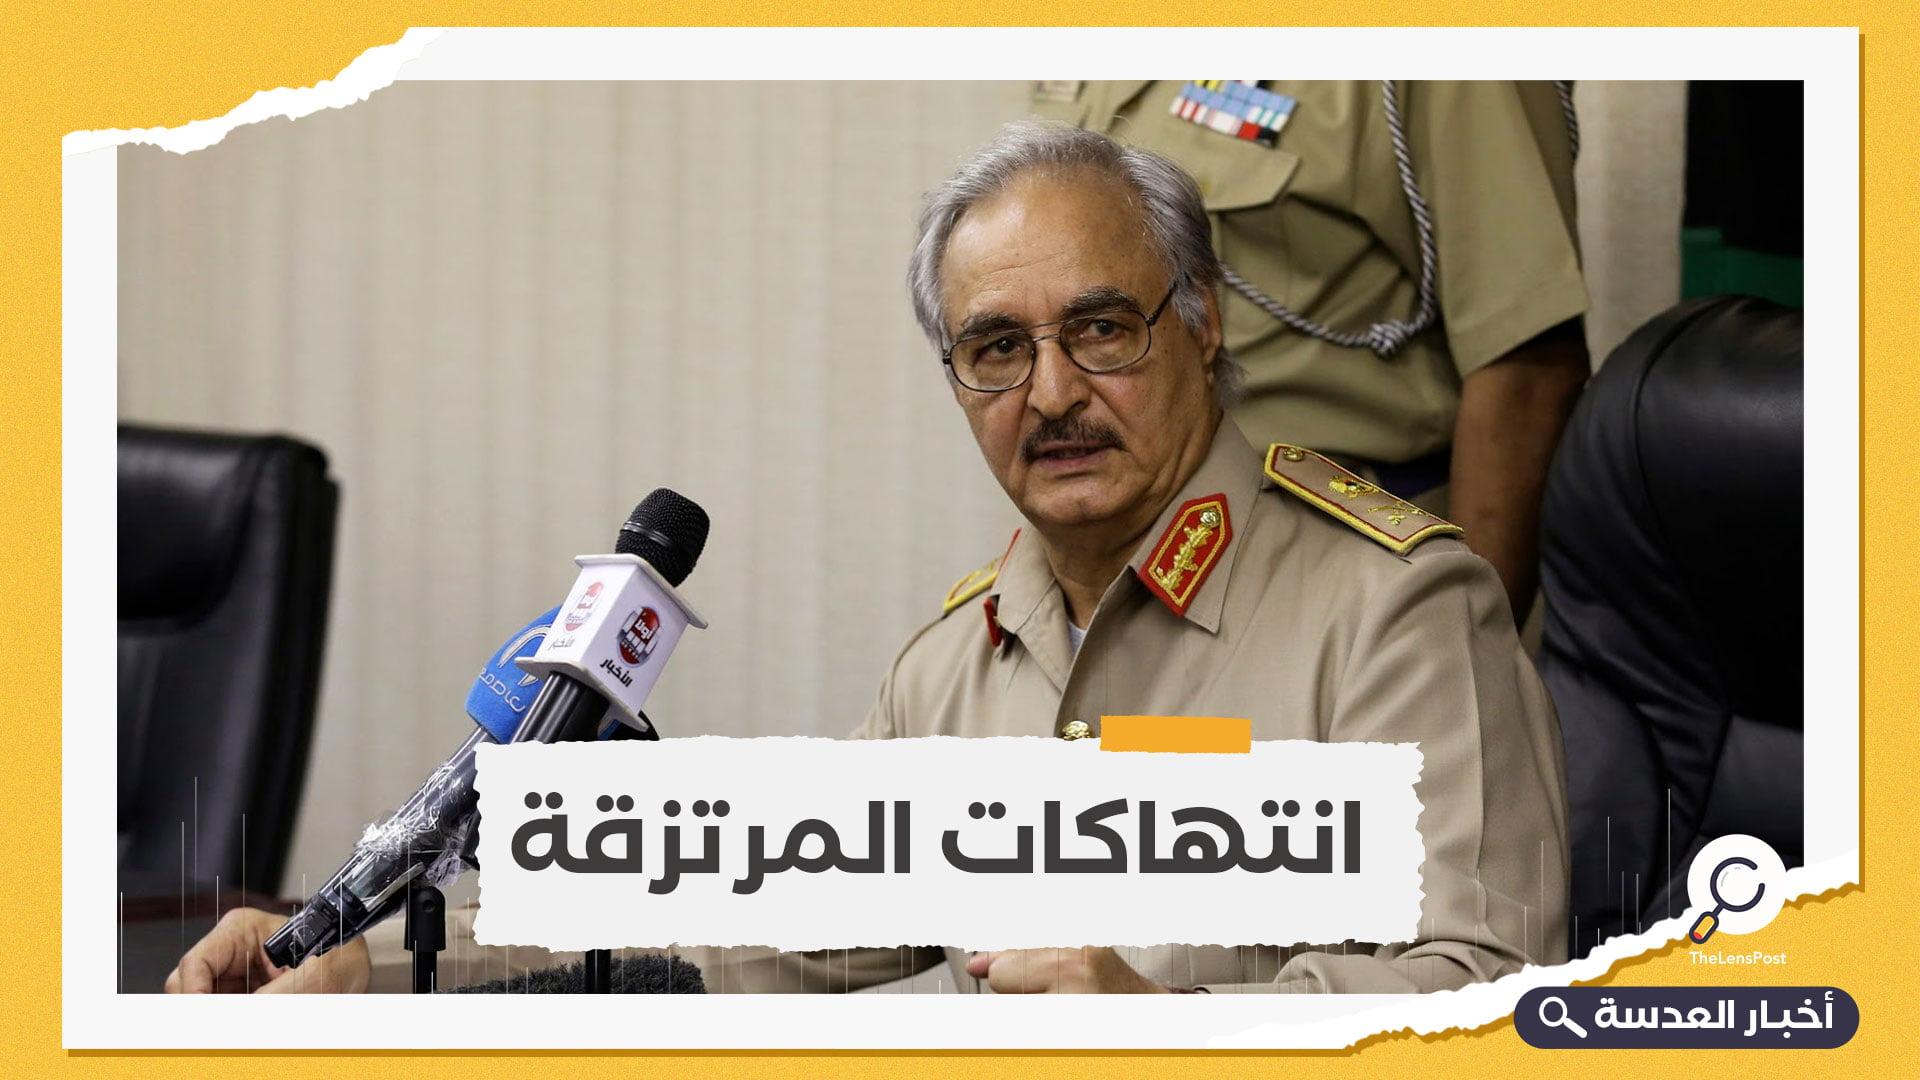 انتقاما لذويهم.. ليبيون غاضبون يقتحمون مقرا عسكريا للانقلابي خليفة حفتر